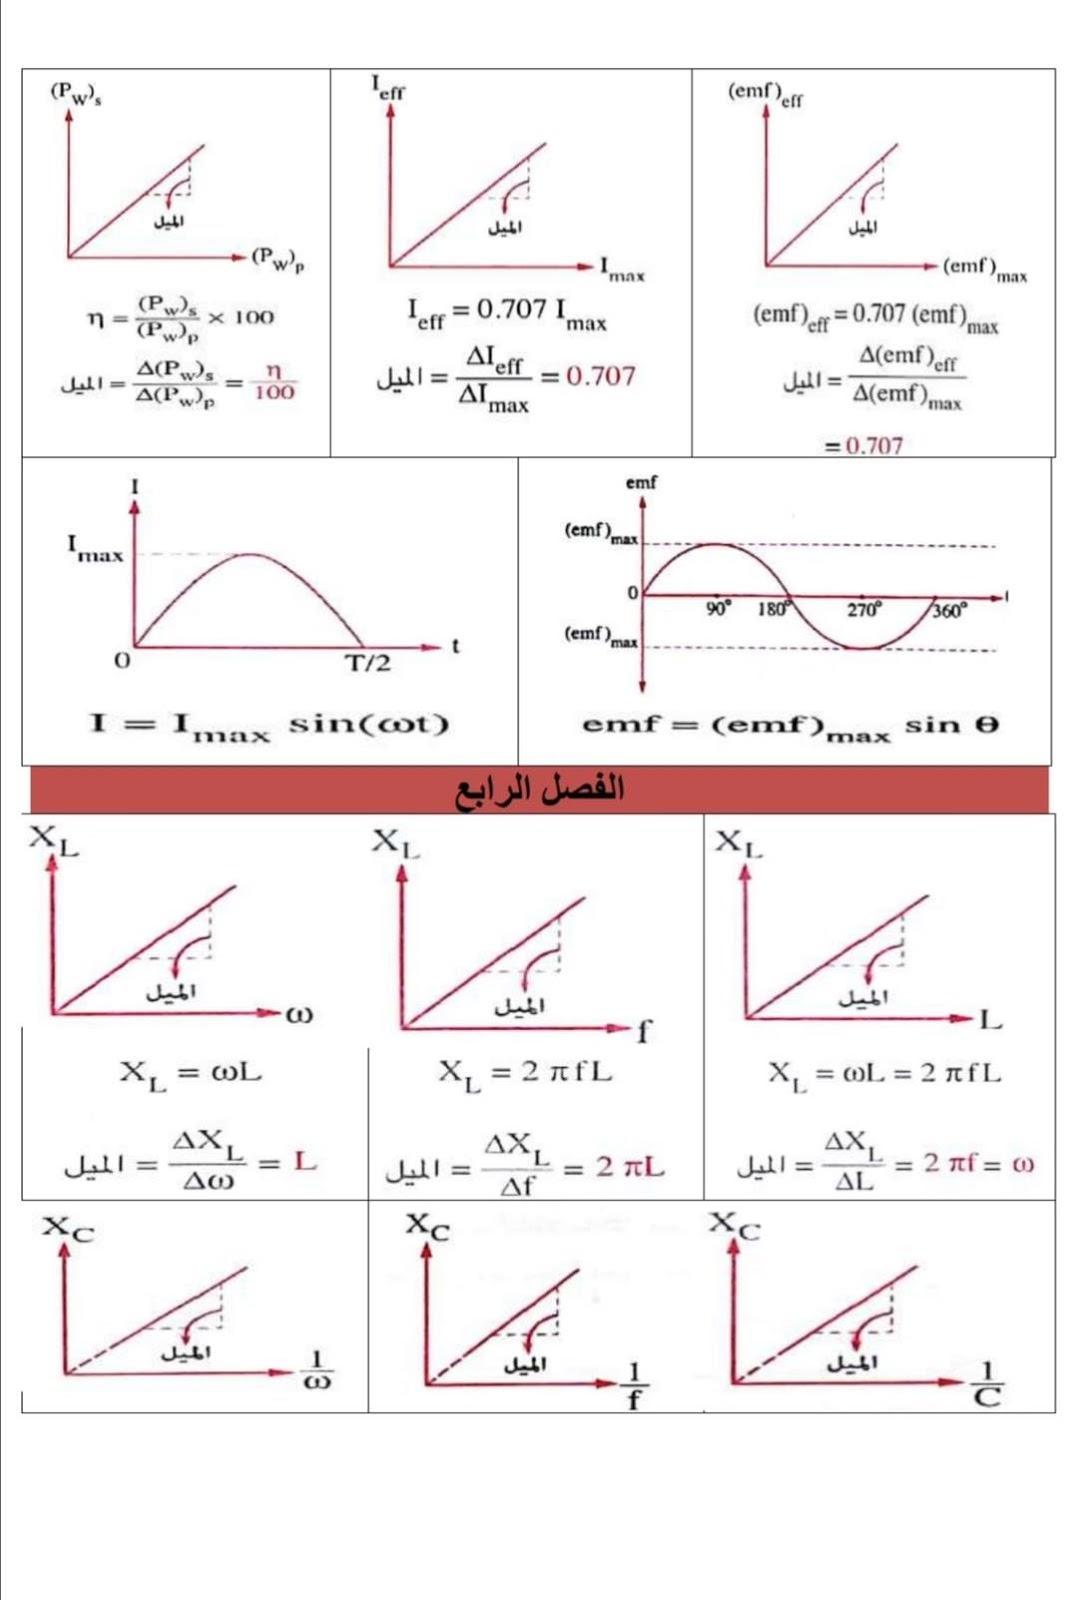 الرسوم البيانية لمنهج الفيزياء للثانوية العامة - صفحة 2 4